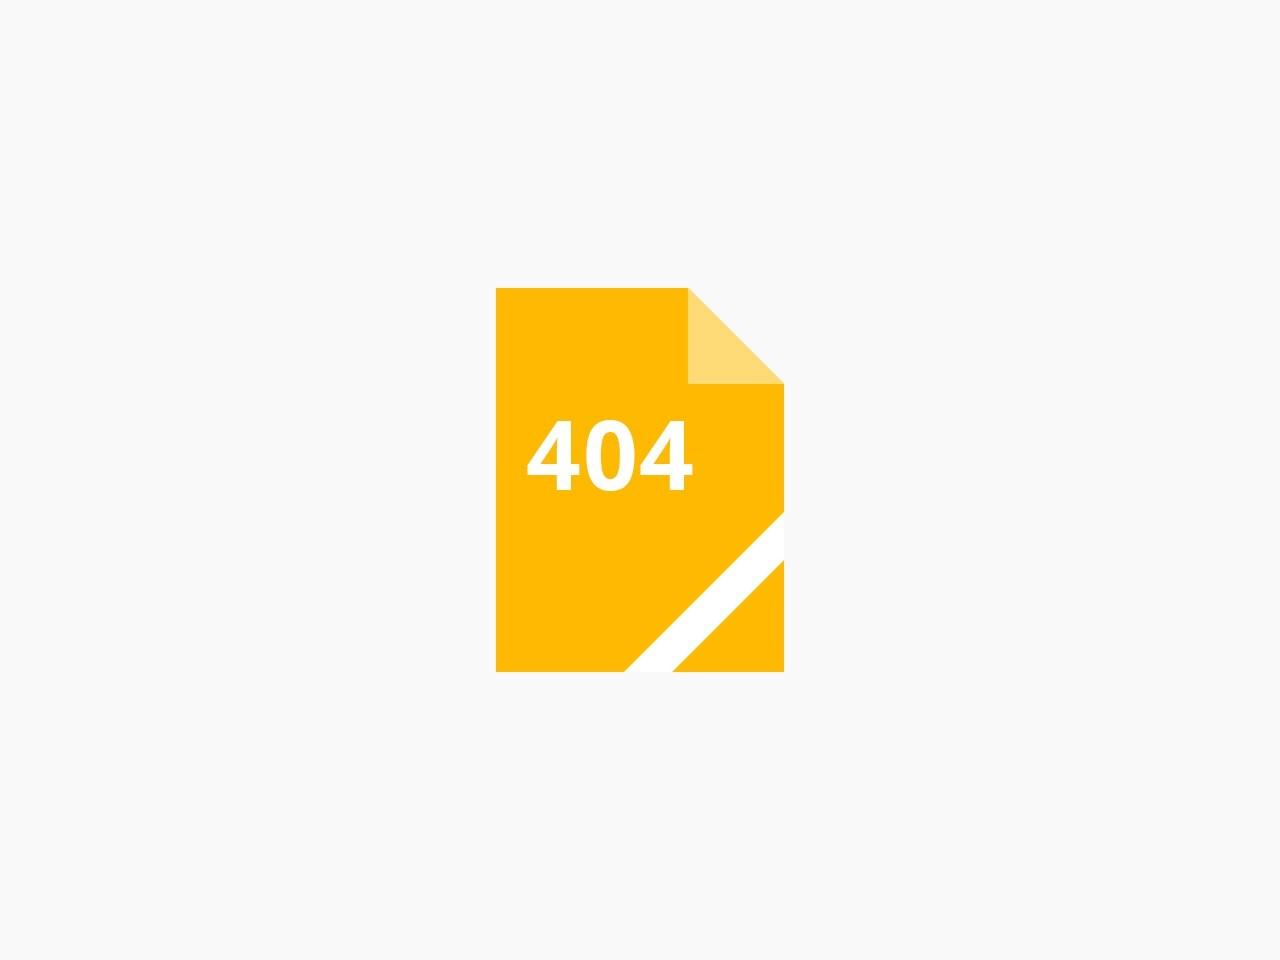 塞特维那皇室家具网